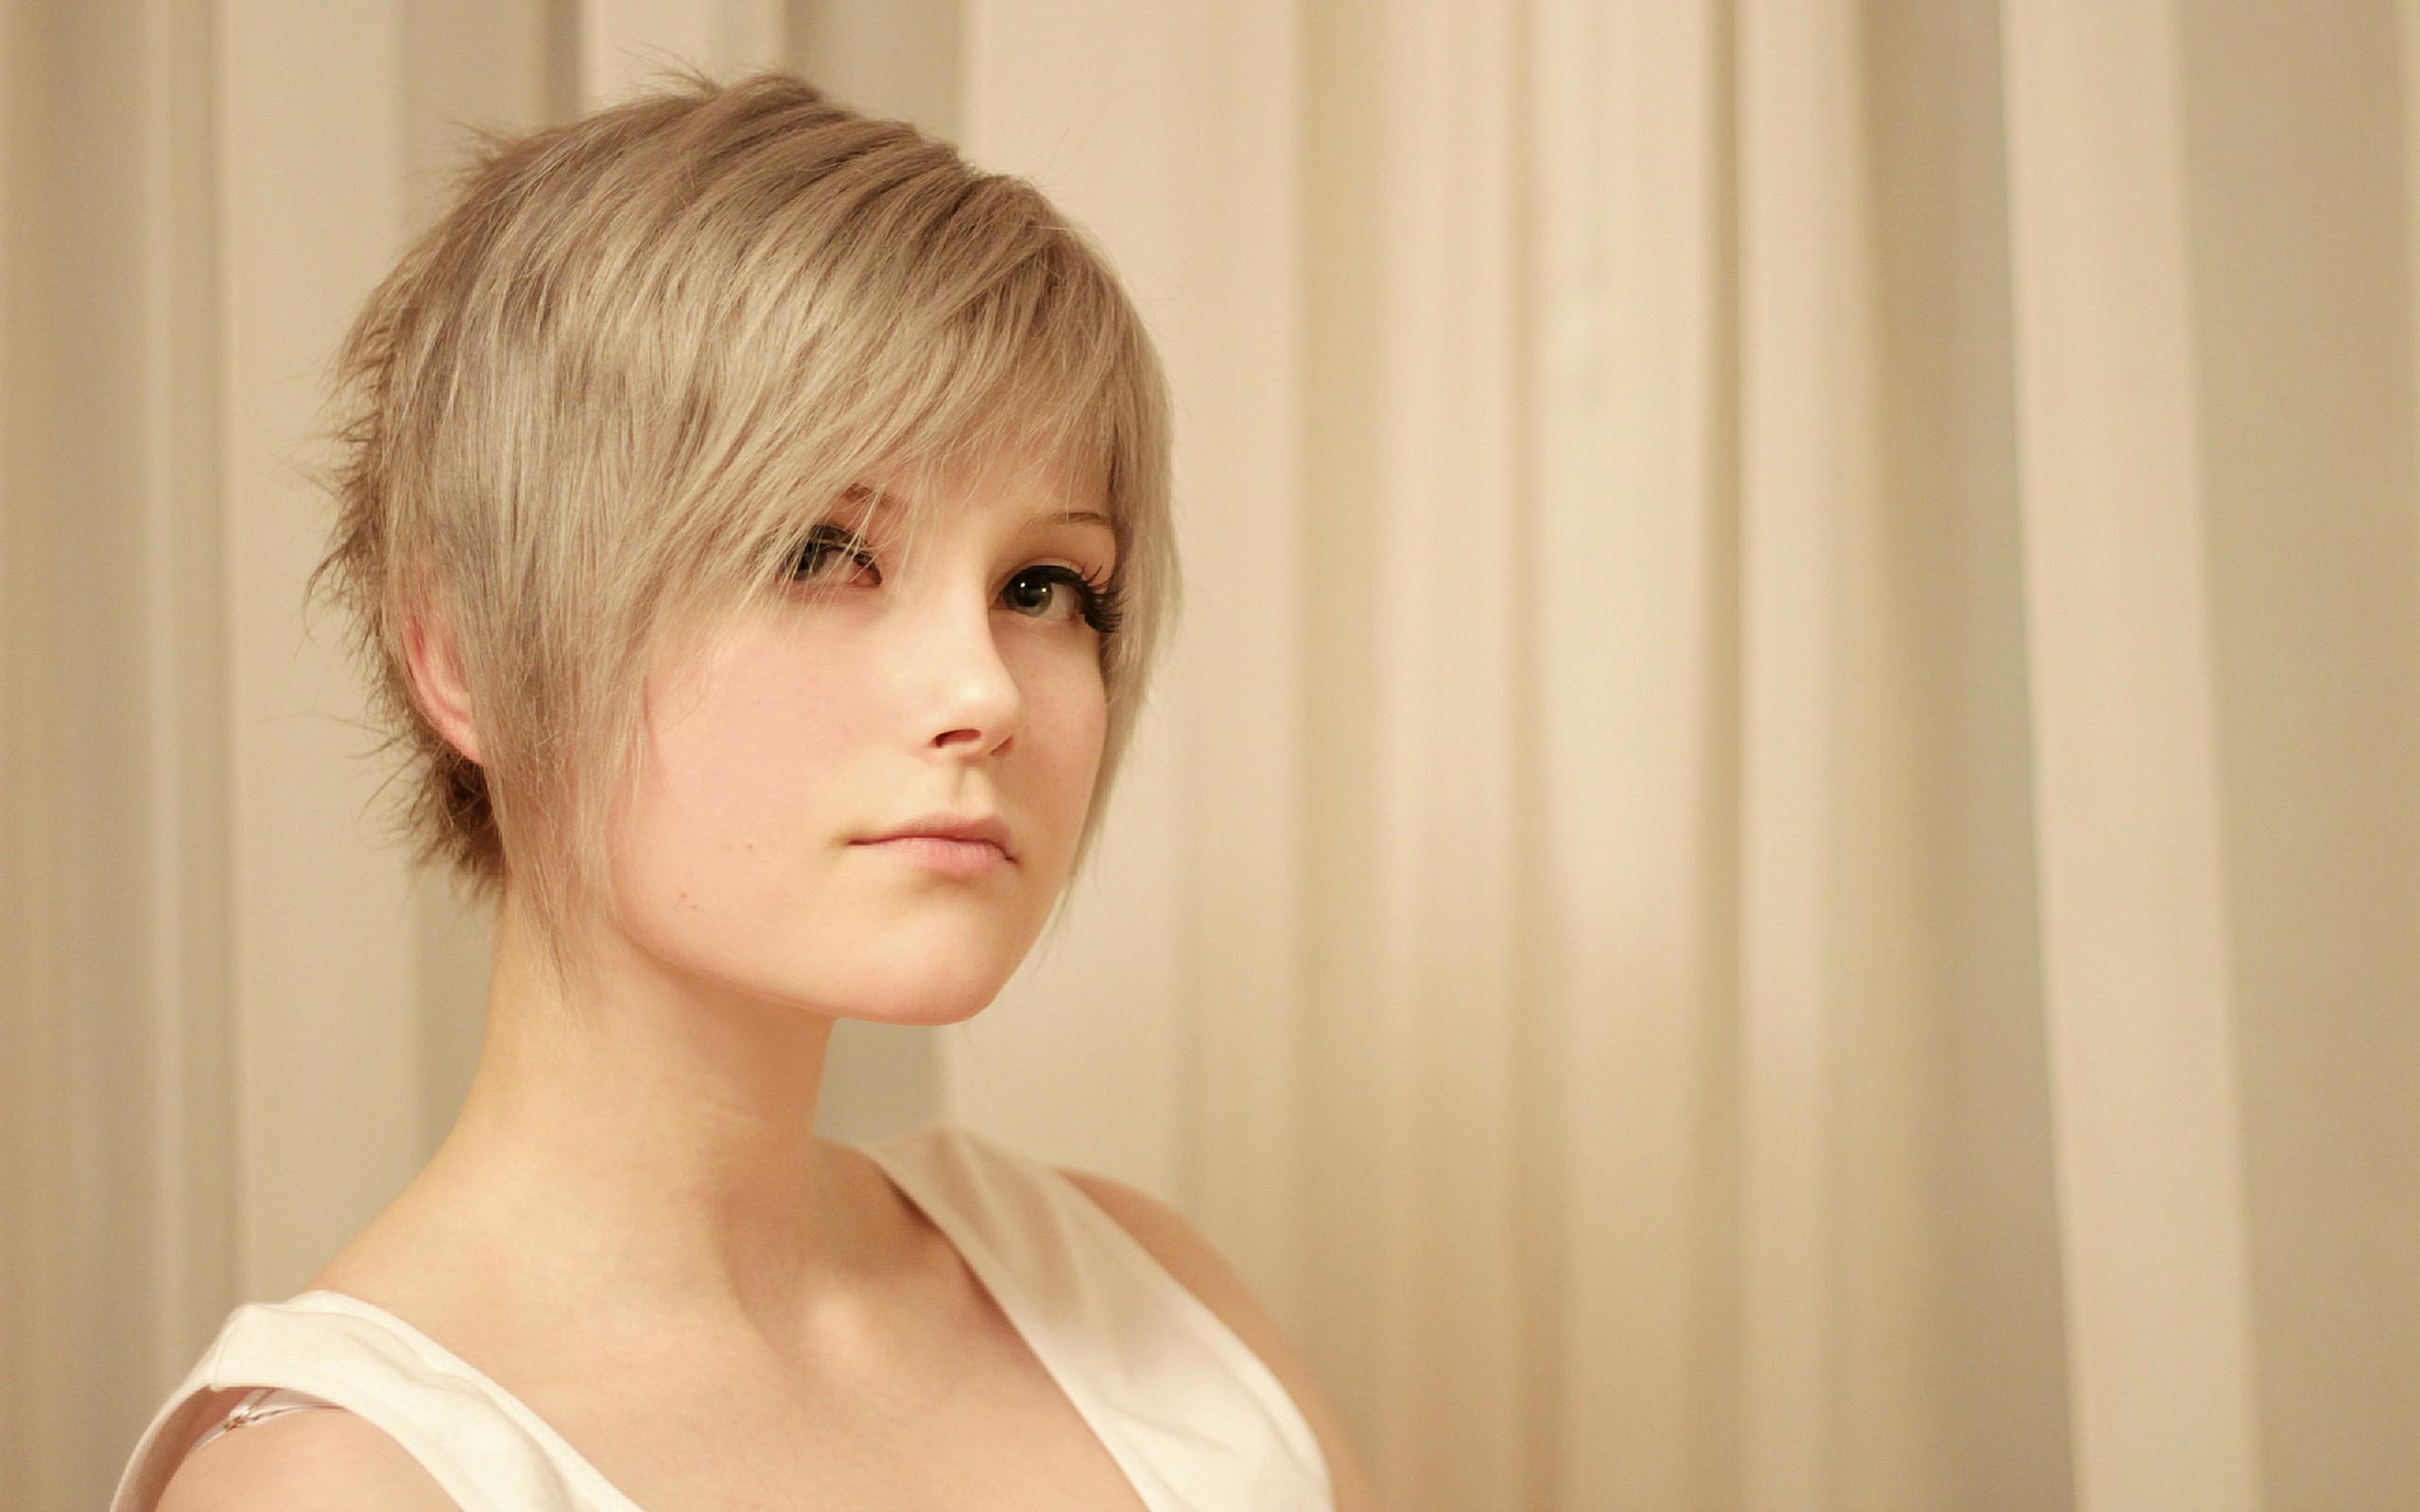 Фото на аву девушки с короткими волосами Красивые фото